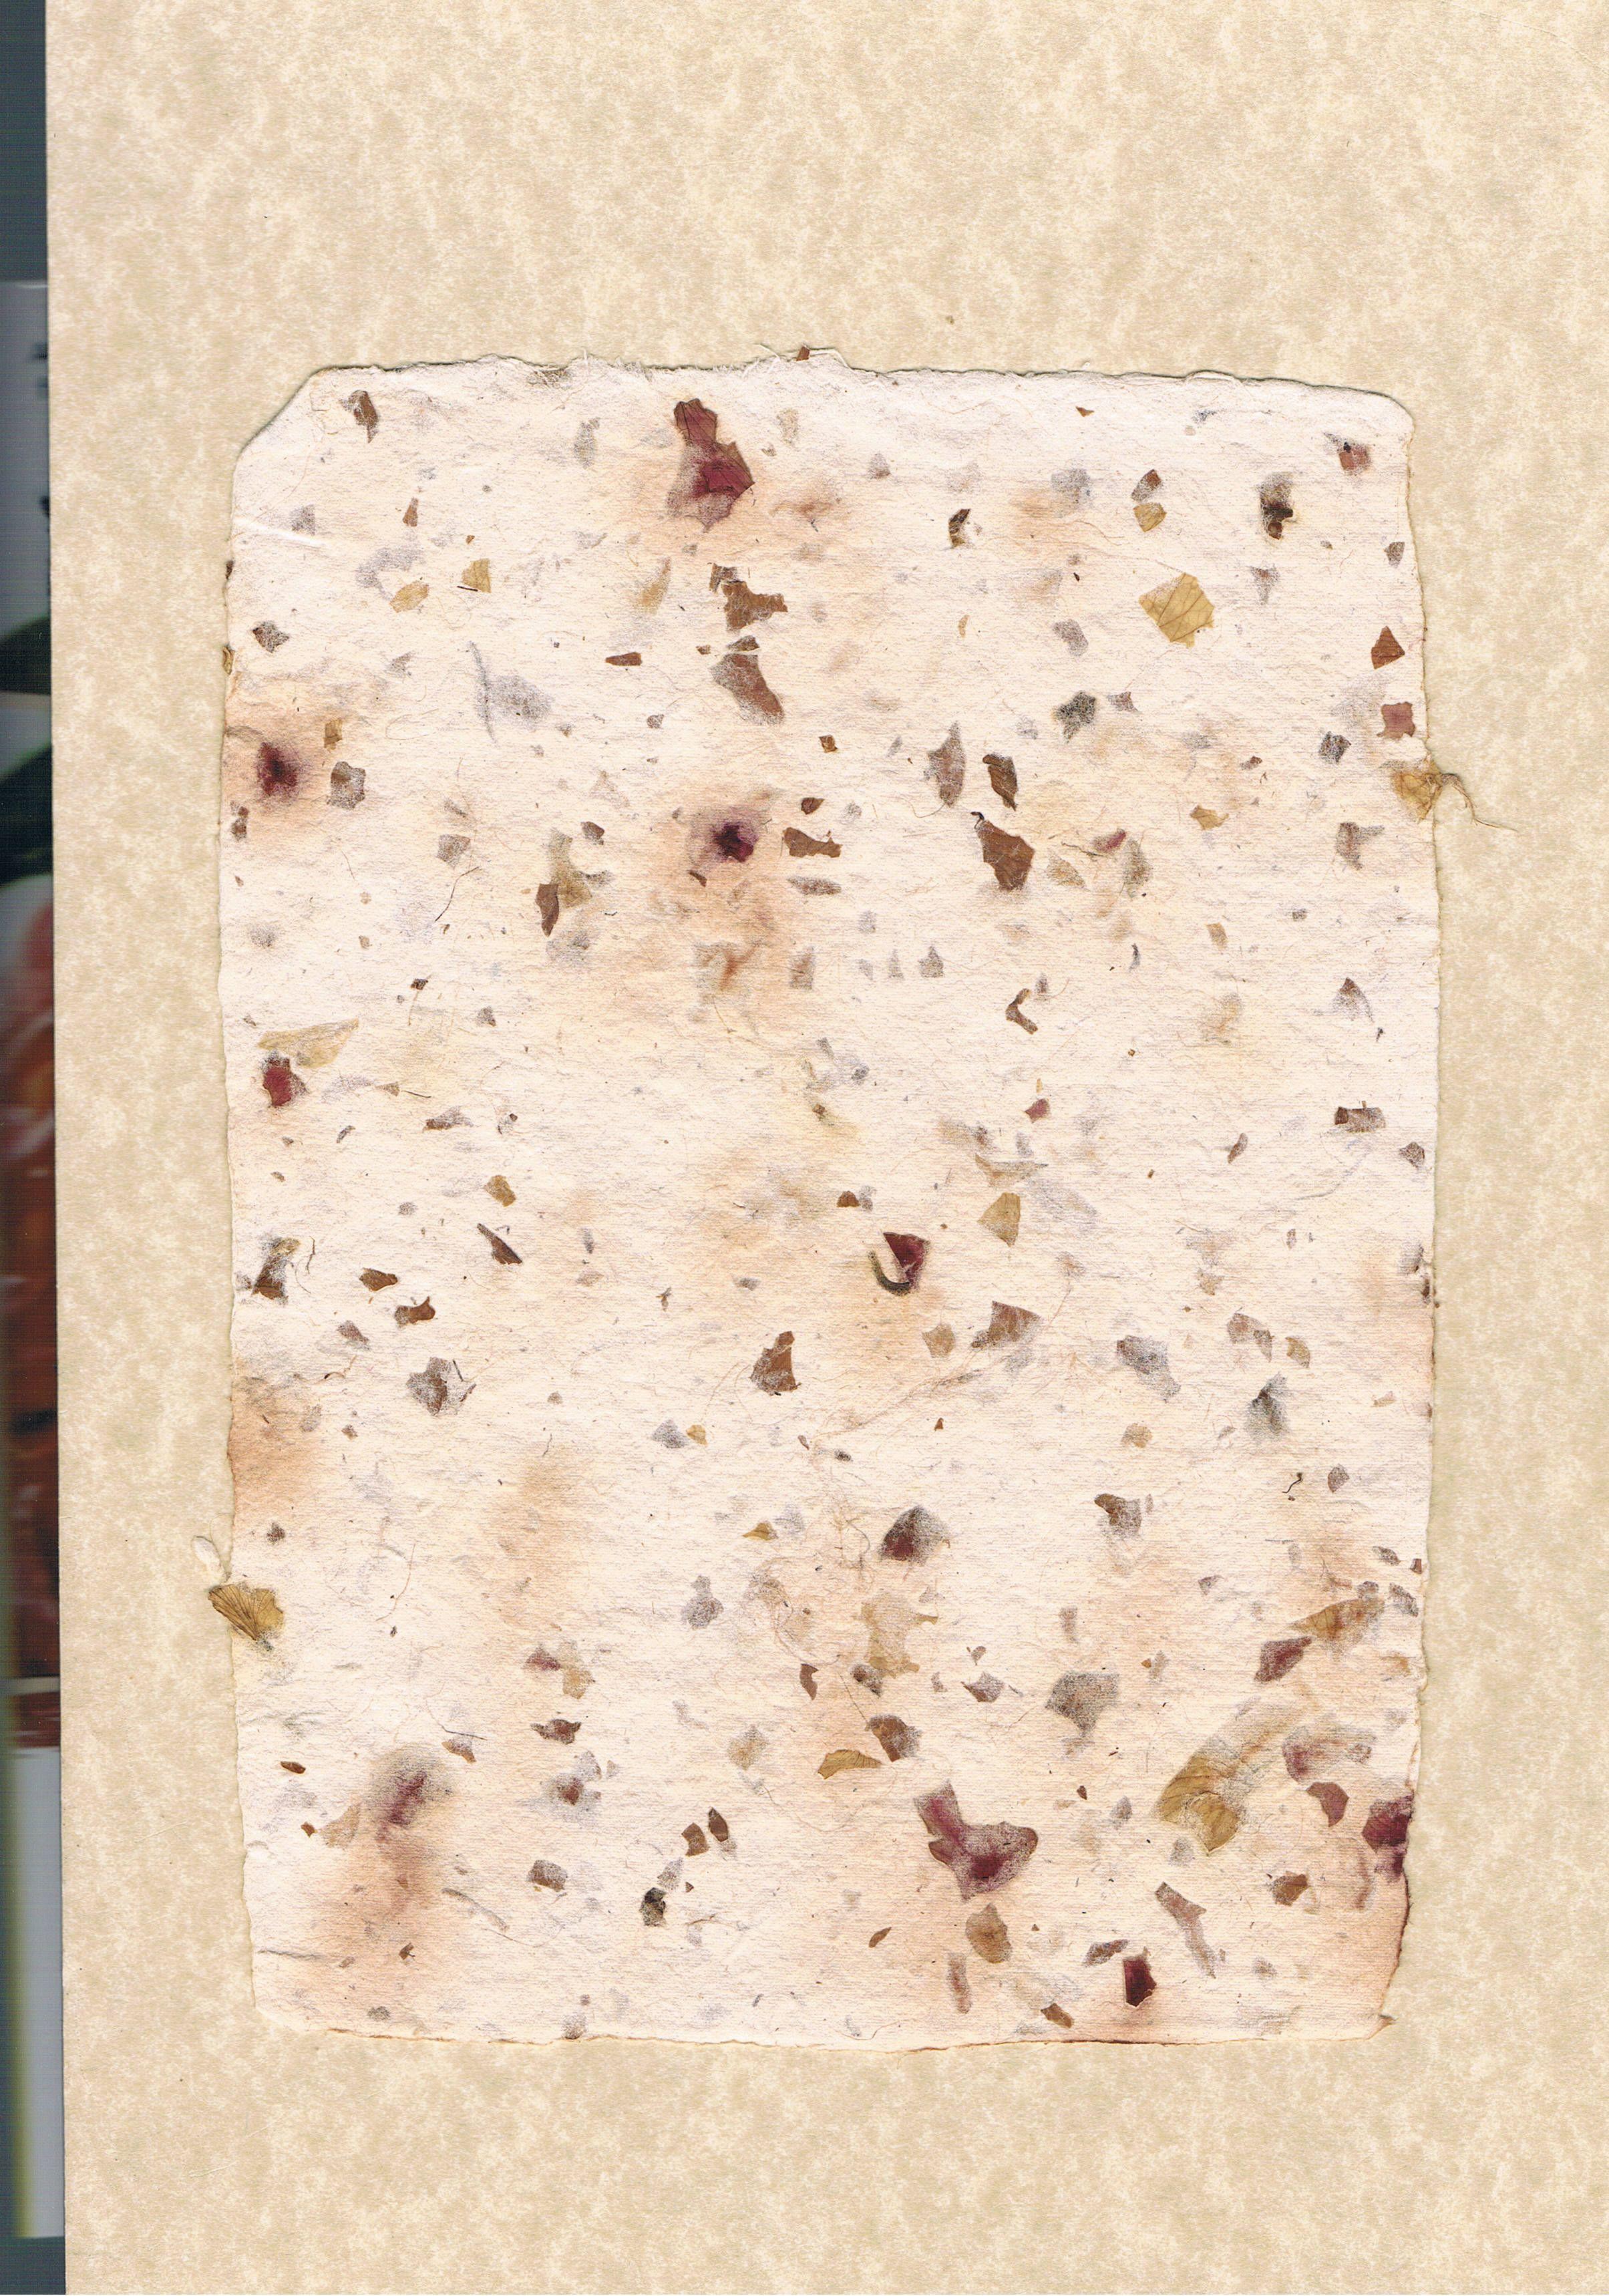 Textile Paper By J Korejko Red Onion Skins Https Www Pinterest Com Jonathankorejko Handmade Paper By J Korejko Handmade Paper Paper Crafts Paper